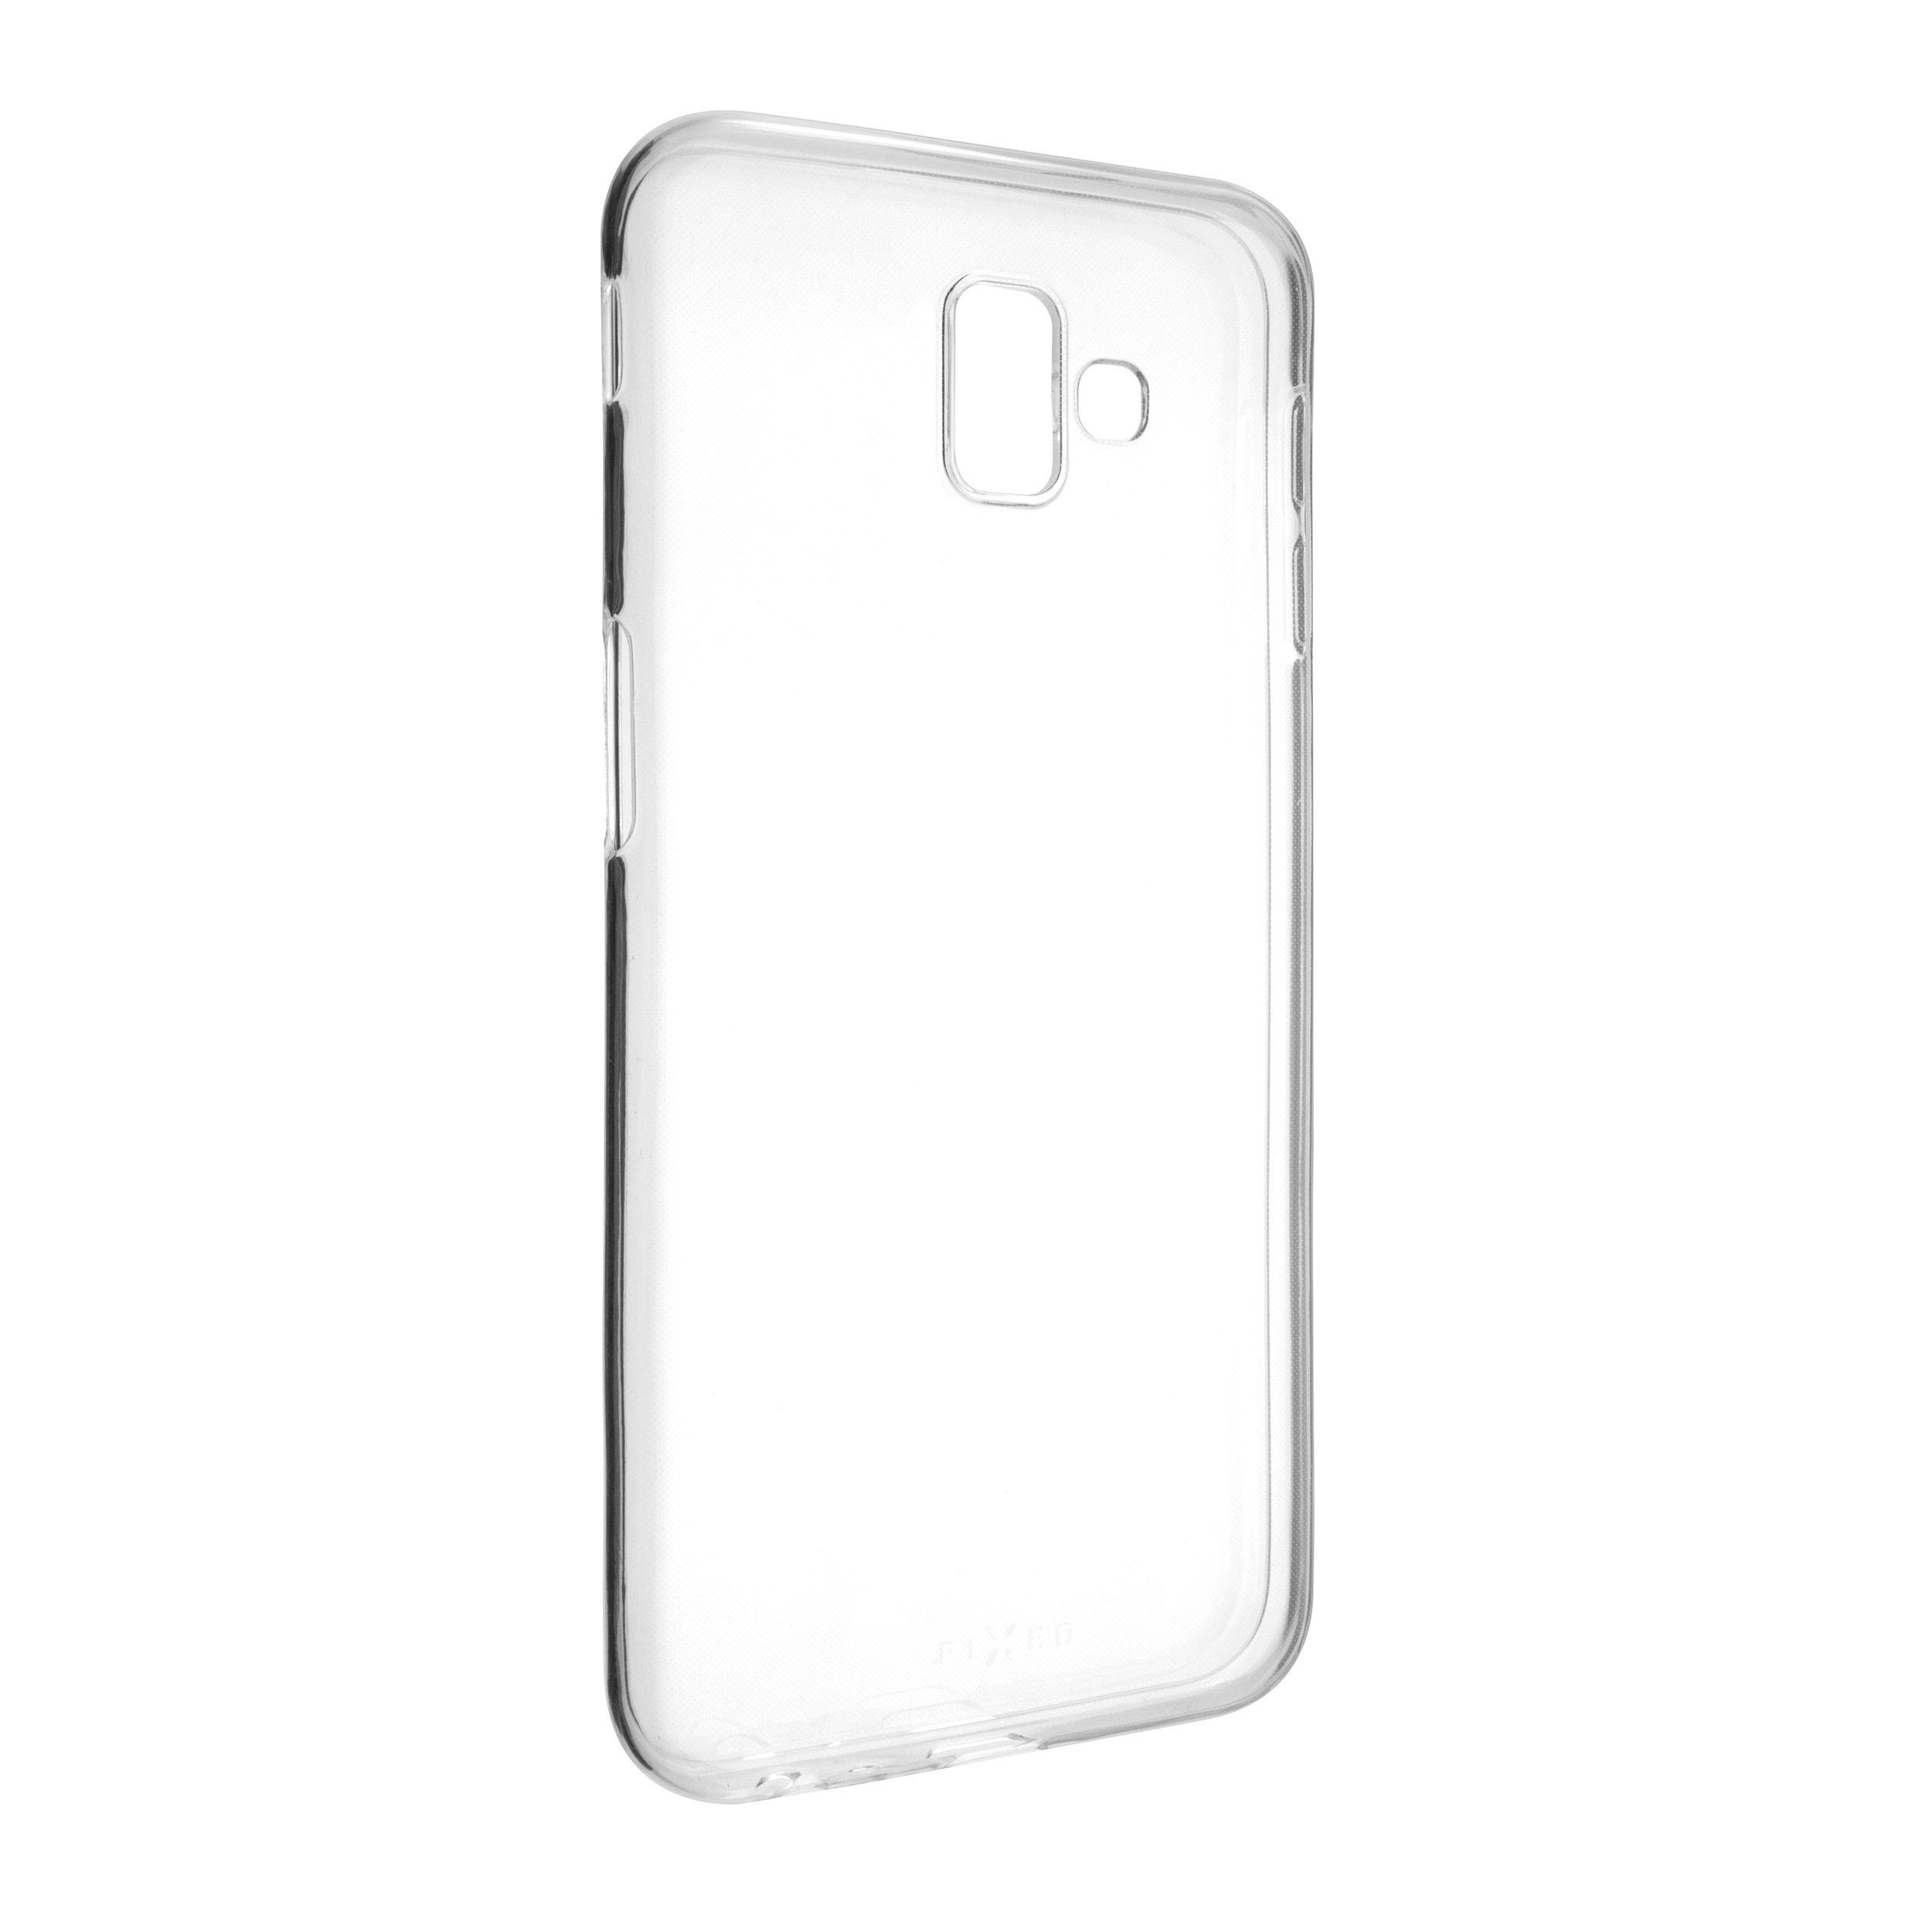 TPU gelové pouzdro FIXED pro Samsung Galaxy J6+ (2018), čiré,rozbaleno